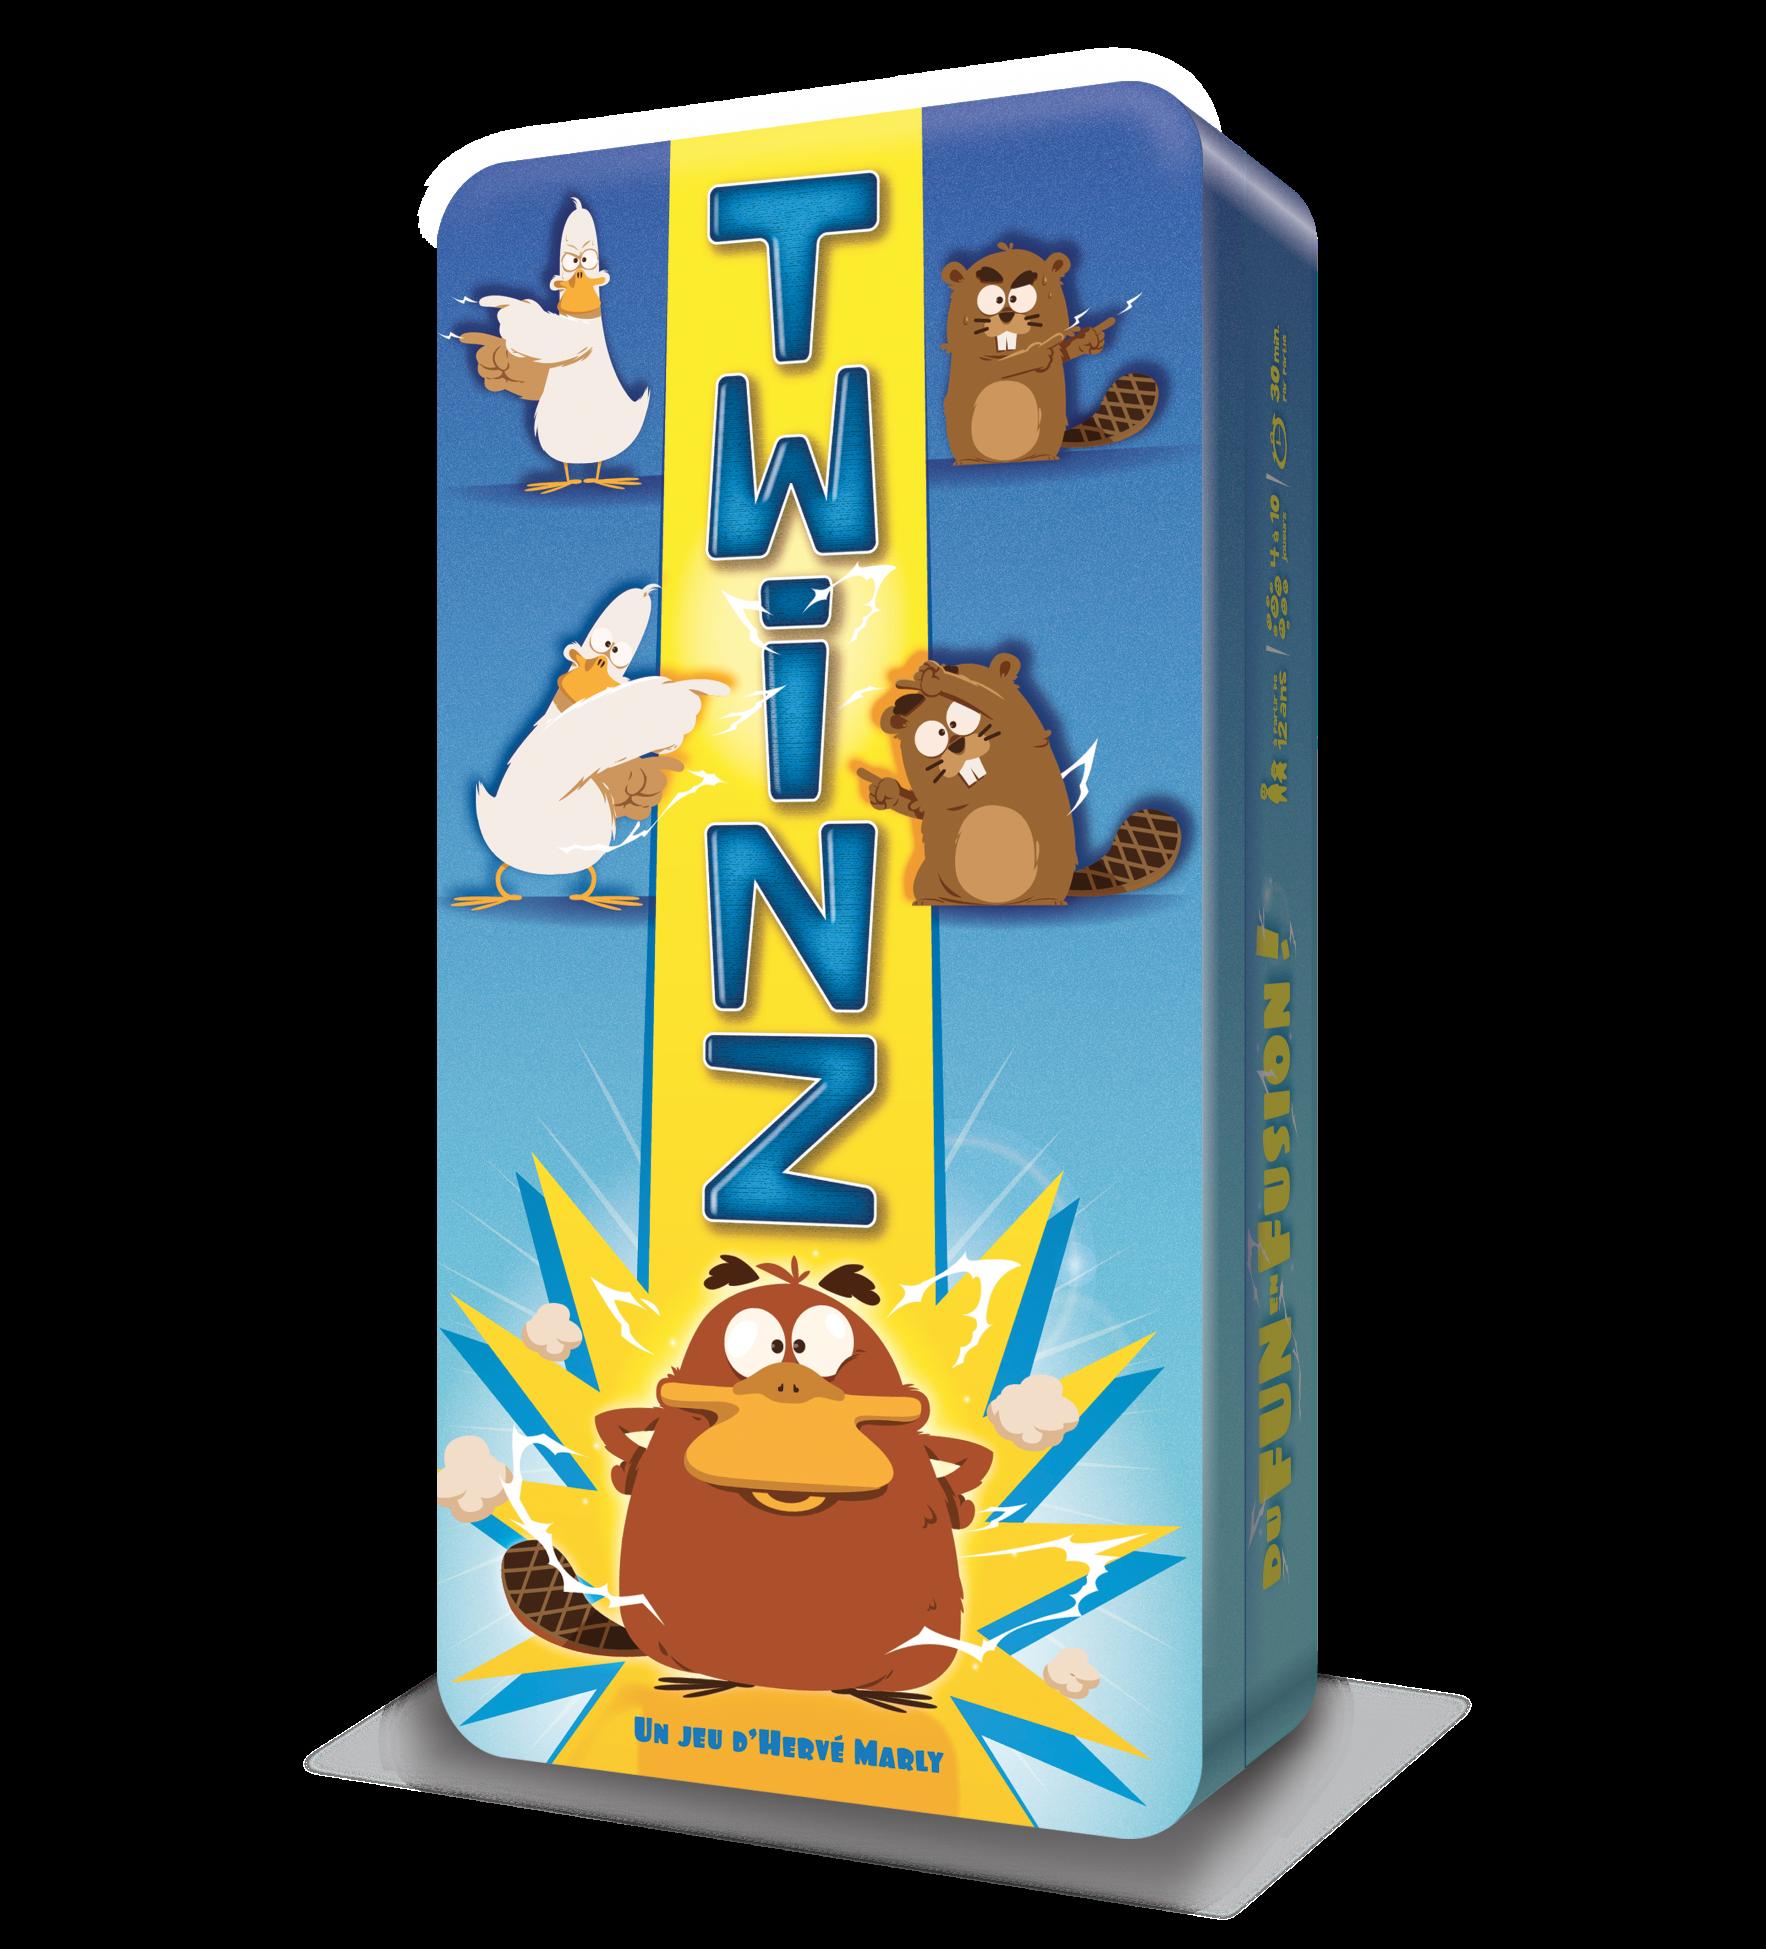 Boite_Twinz